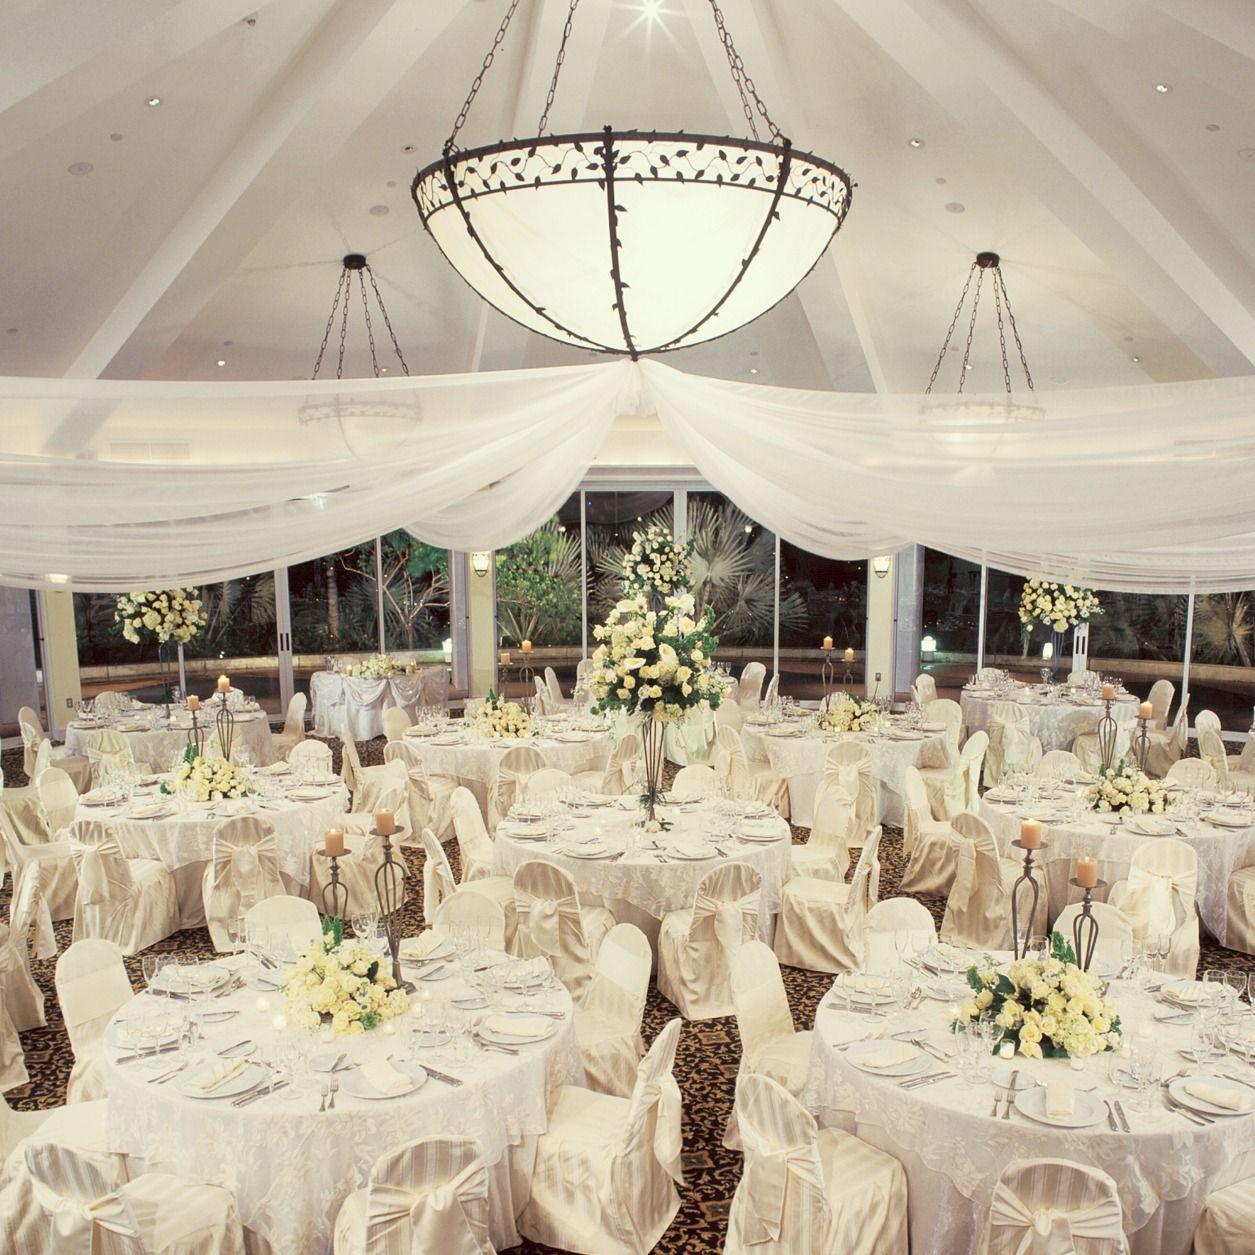 Destination Wedding Reception Ideas: Say Yes To A Formal Affair! #GrandLucayan #YearOfYes